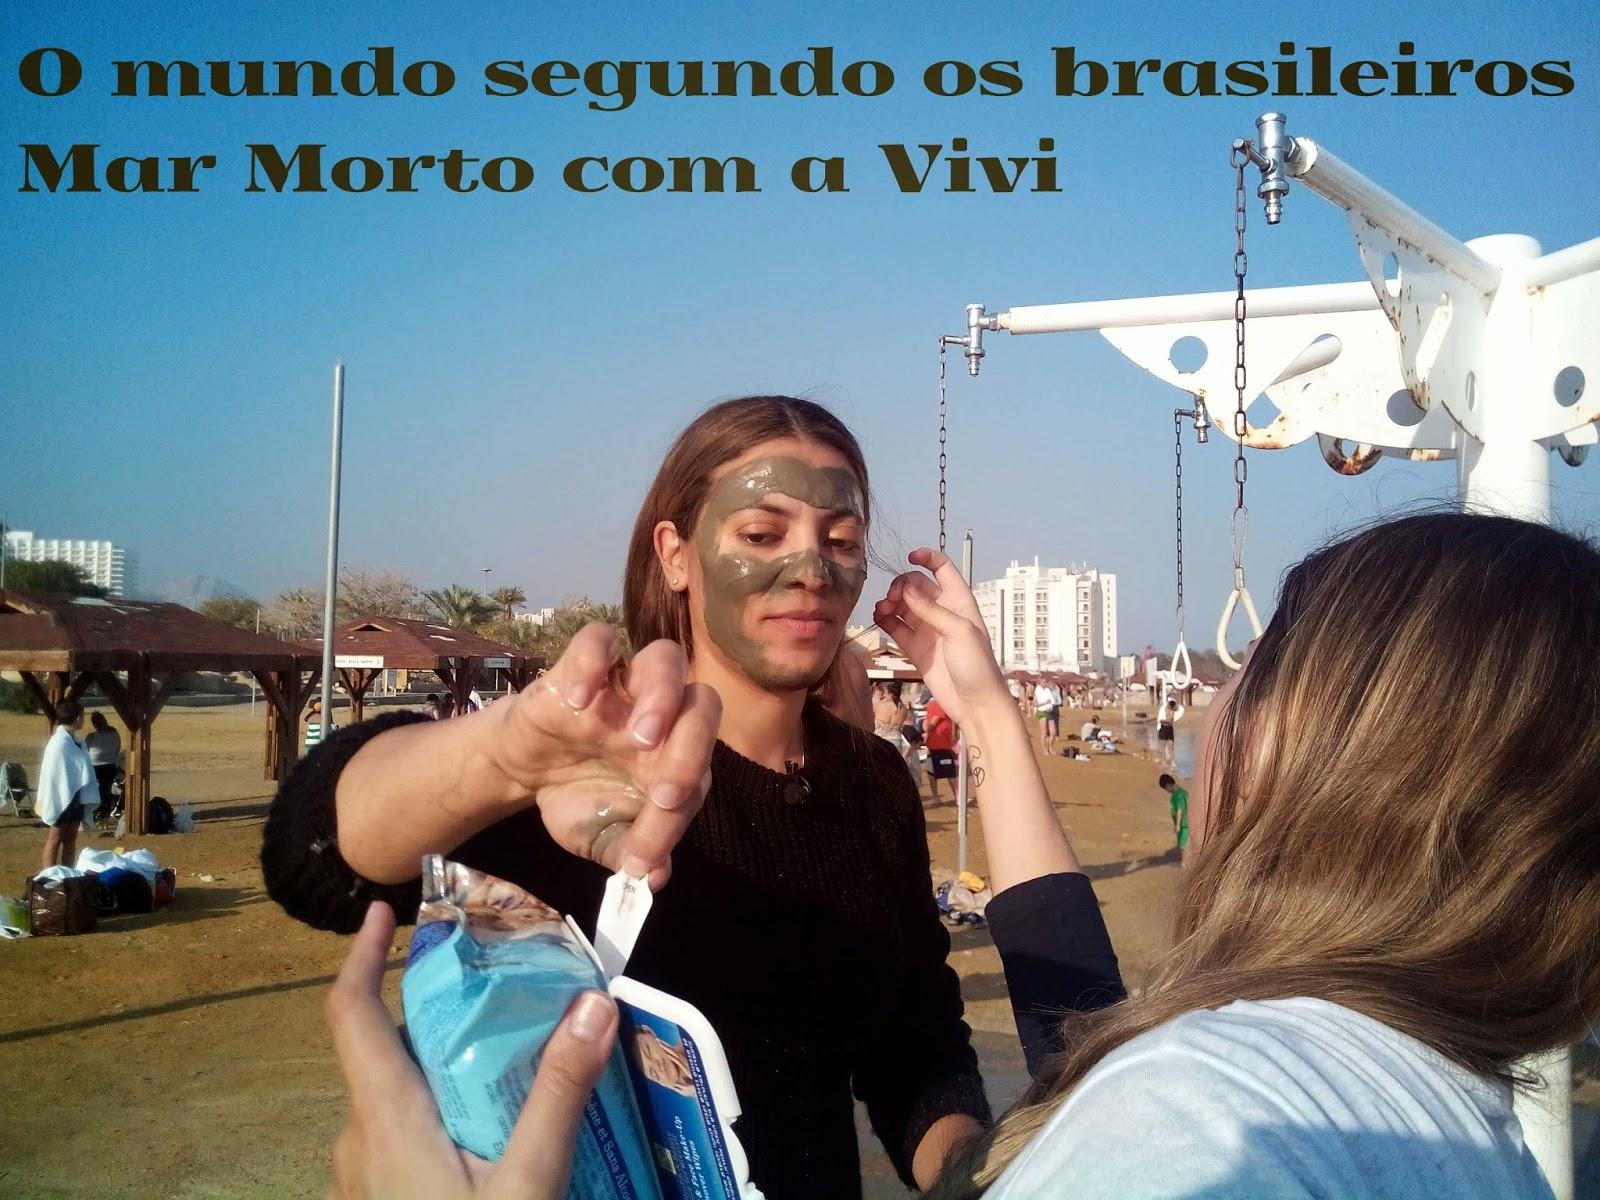 O mundo segundo os brasileiros Jerusalem